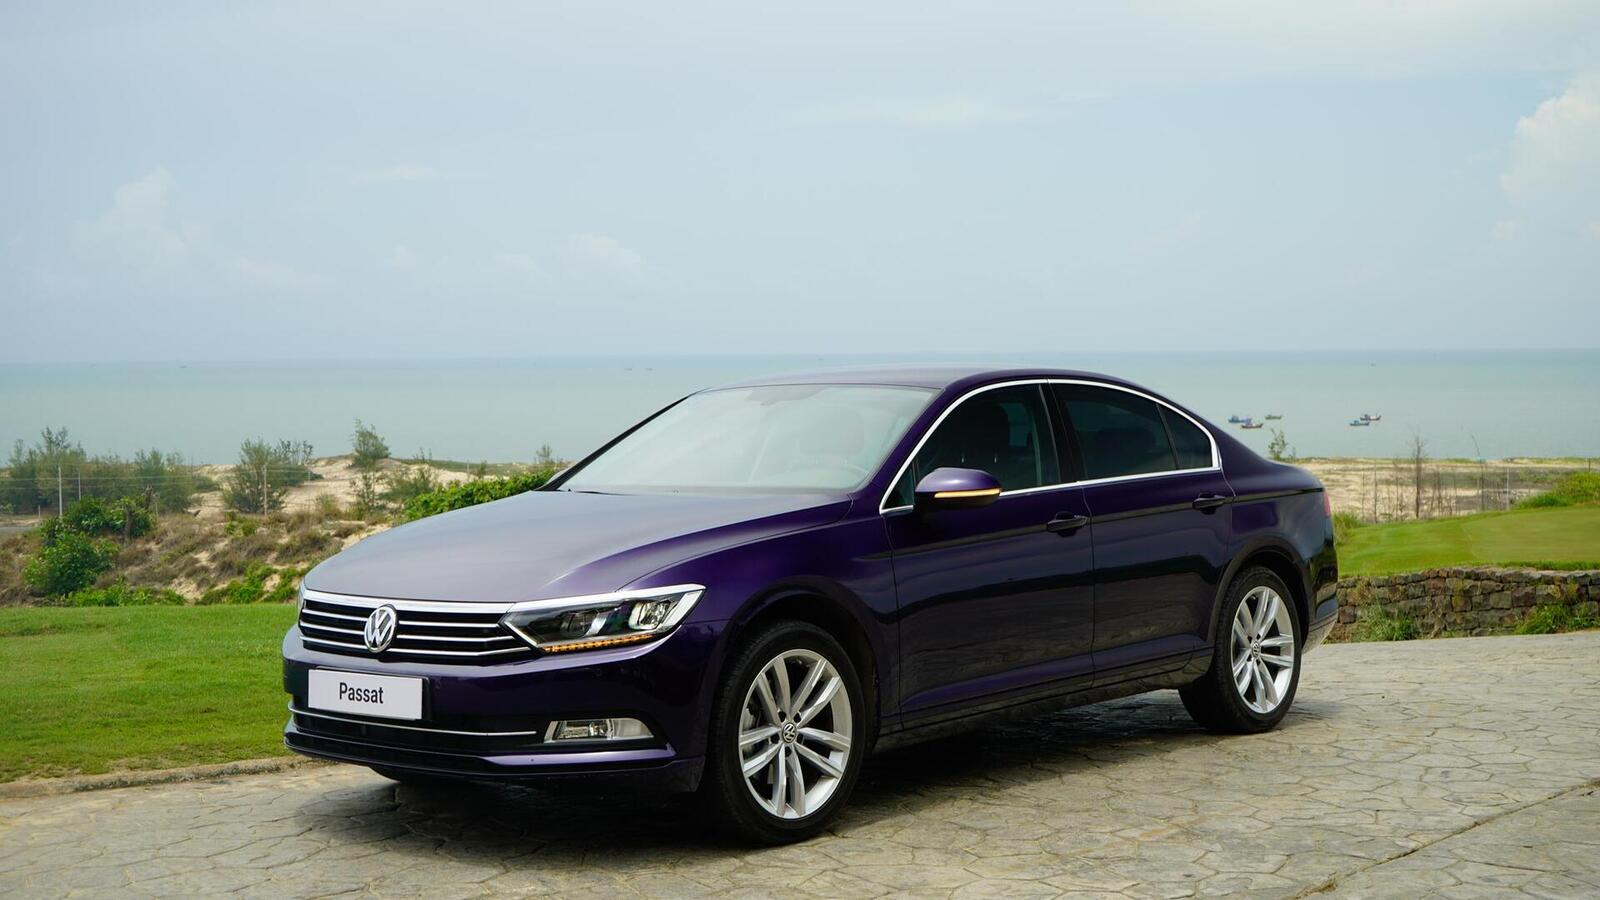 Volkswagen Passat Bluemotion: Lựa chọn xe Đức duy nhất trong phân khúc - Hình 7